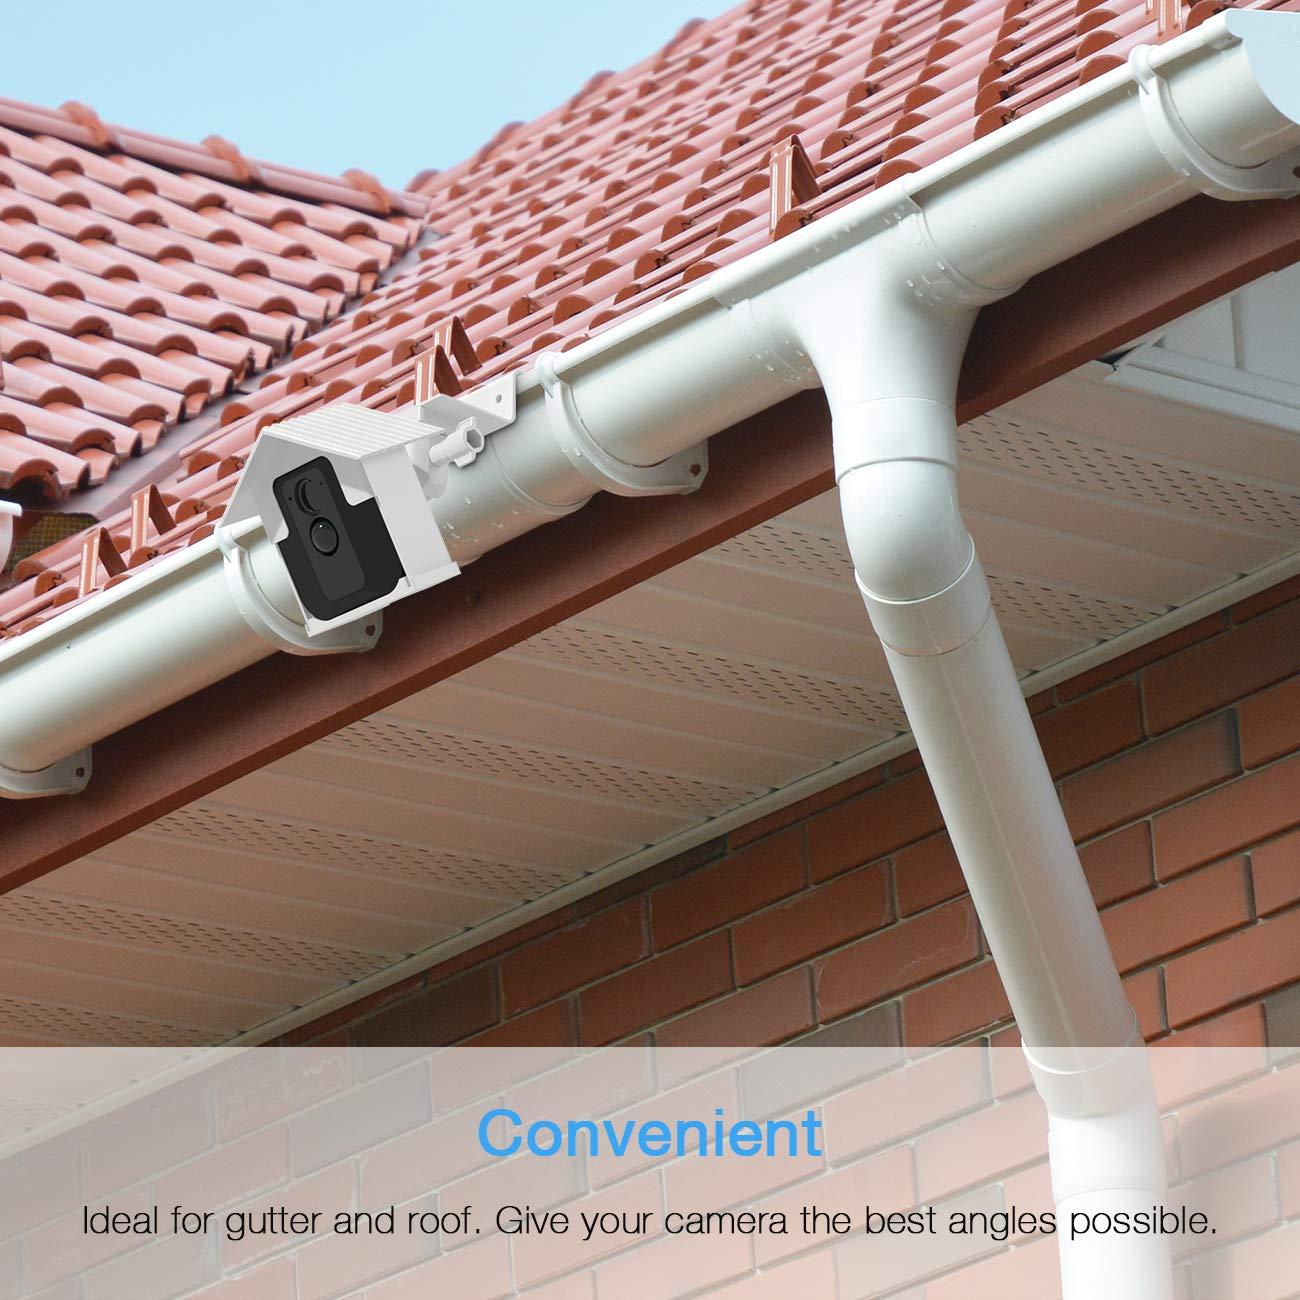 Bianco Kit staffa per montaggio a parete BECEMURU Weather Proof Roof con stabilit/à Gider Mount Gutter impermeabile pi/ù ampio per Blink XT